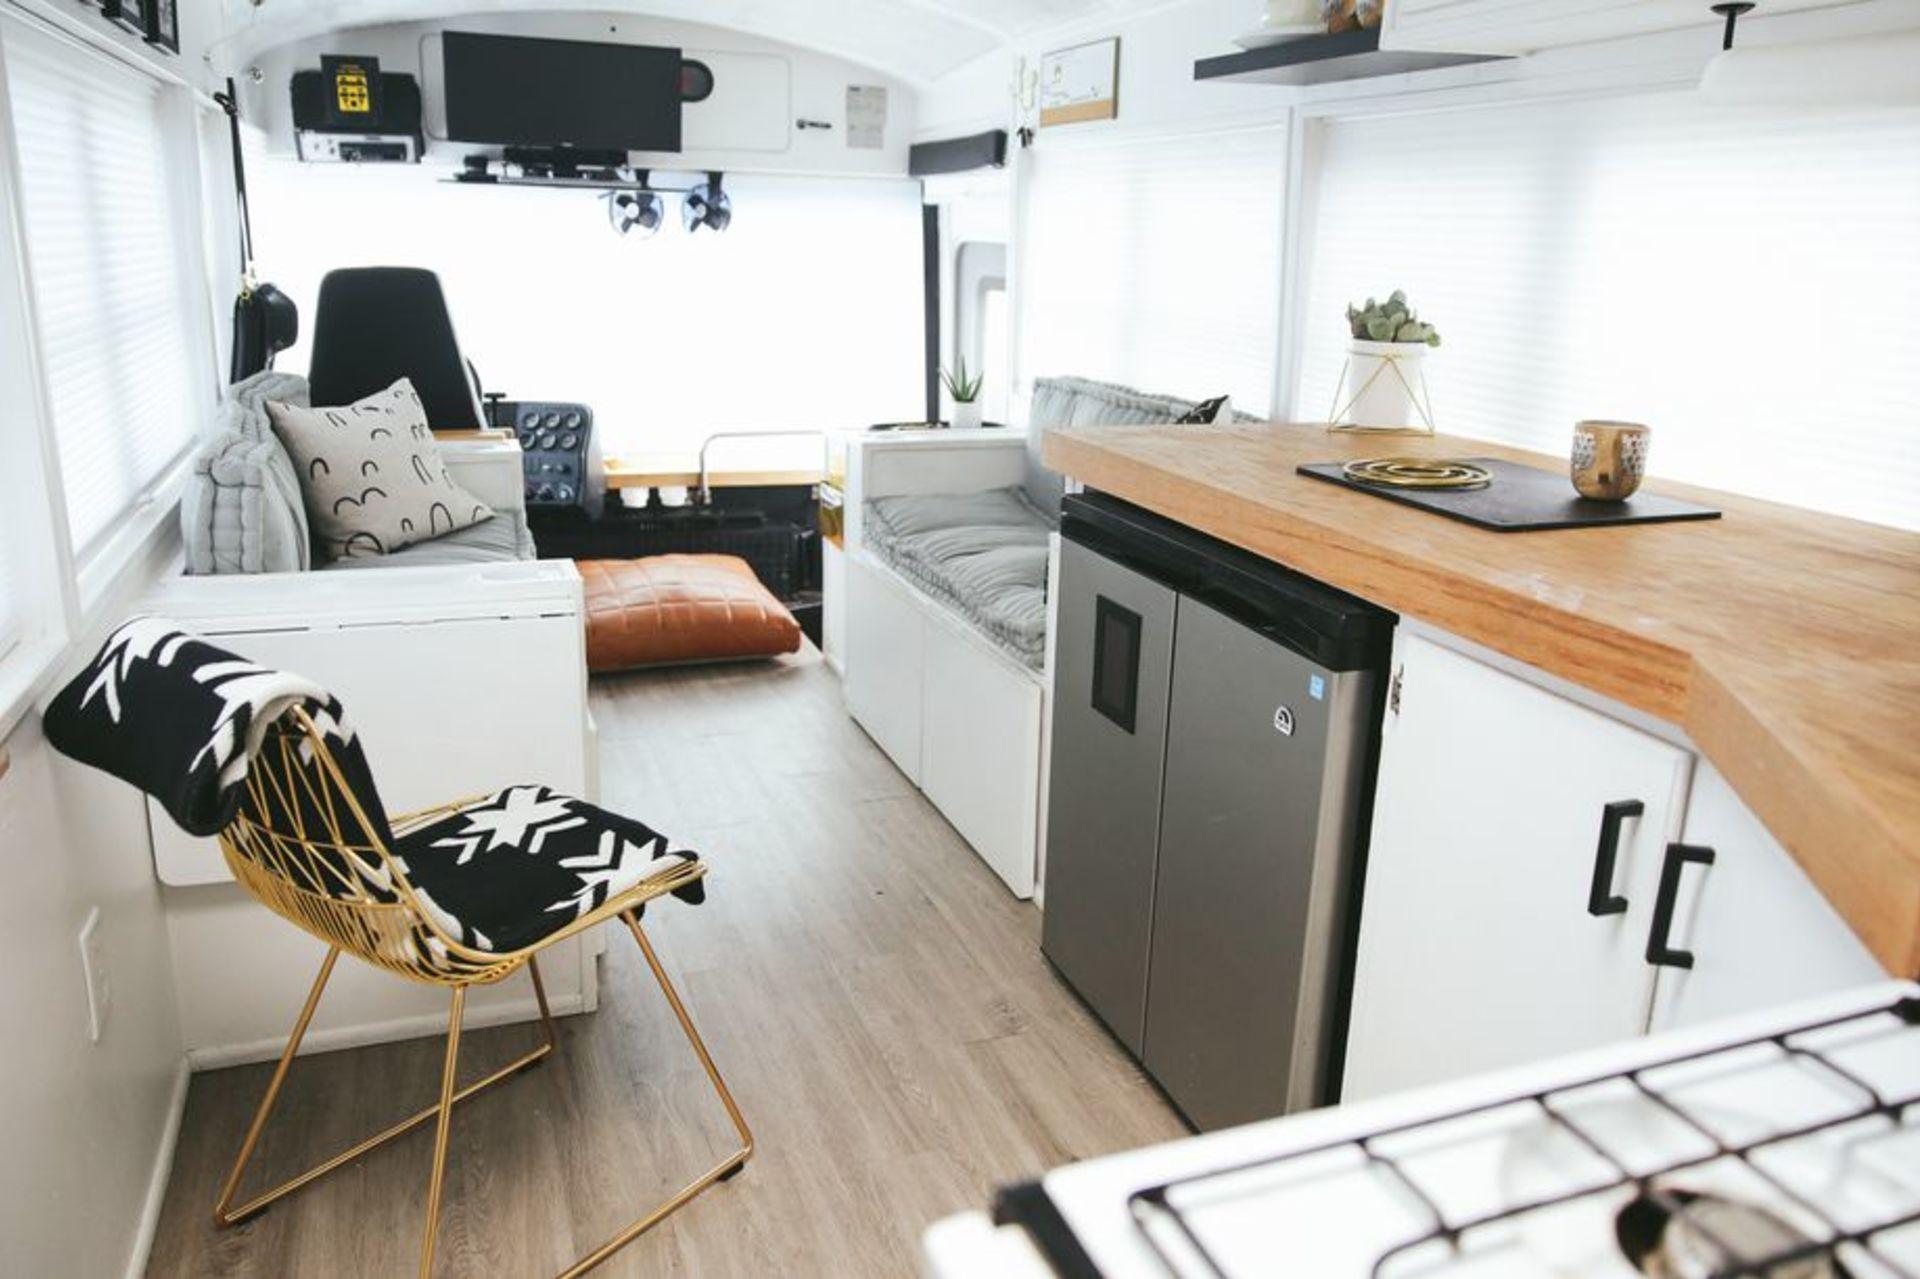 Beyond the Camper Van